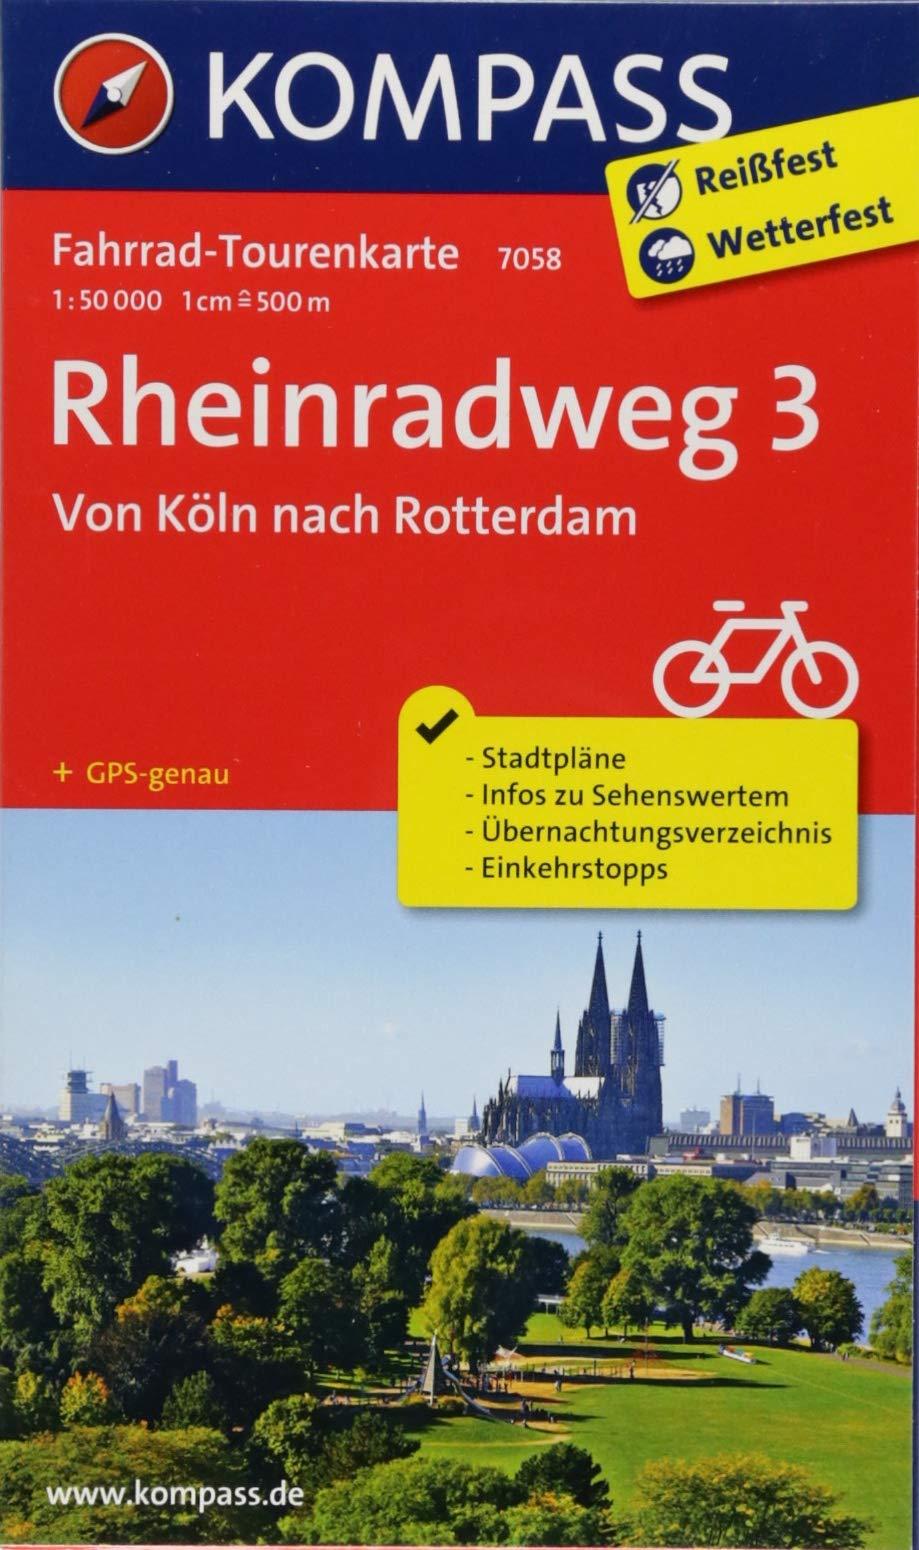 Rheinradweg 3, Von Köln nach Rotterdam: Fahrrad-Tourenkarte. GPS-genau. 1:50000. (KOMPASS-Fahrrad-Tourenkarten, Band 7058)